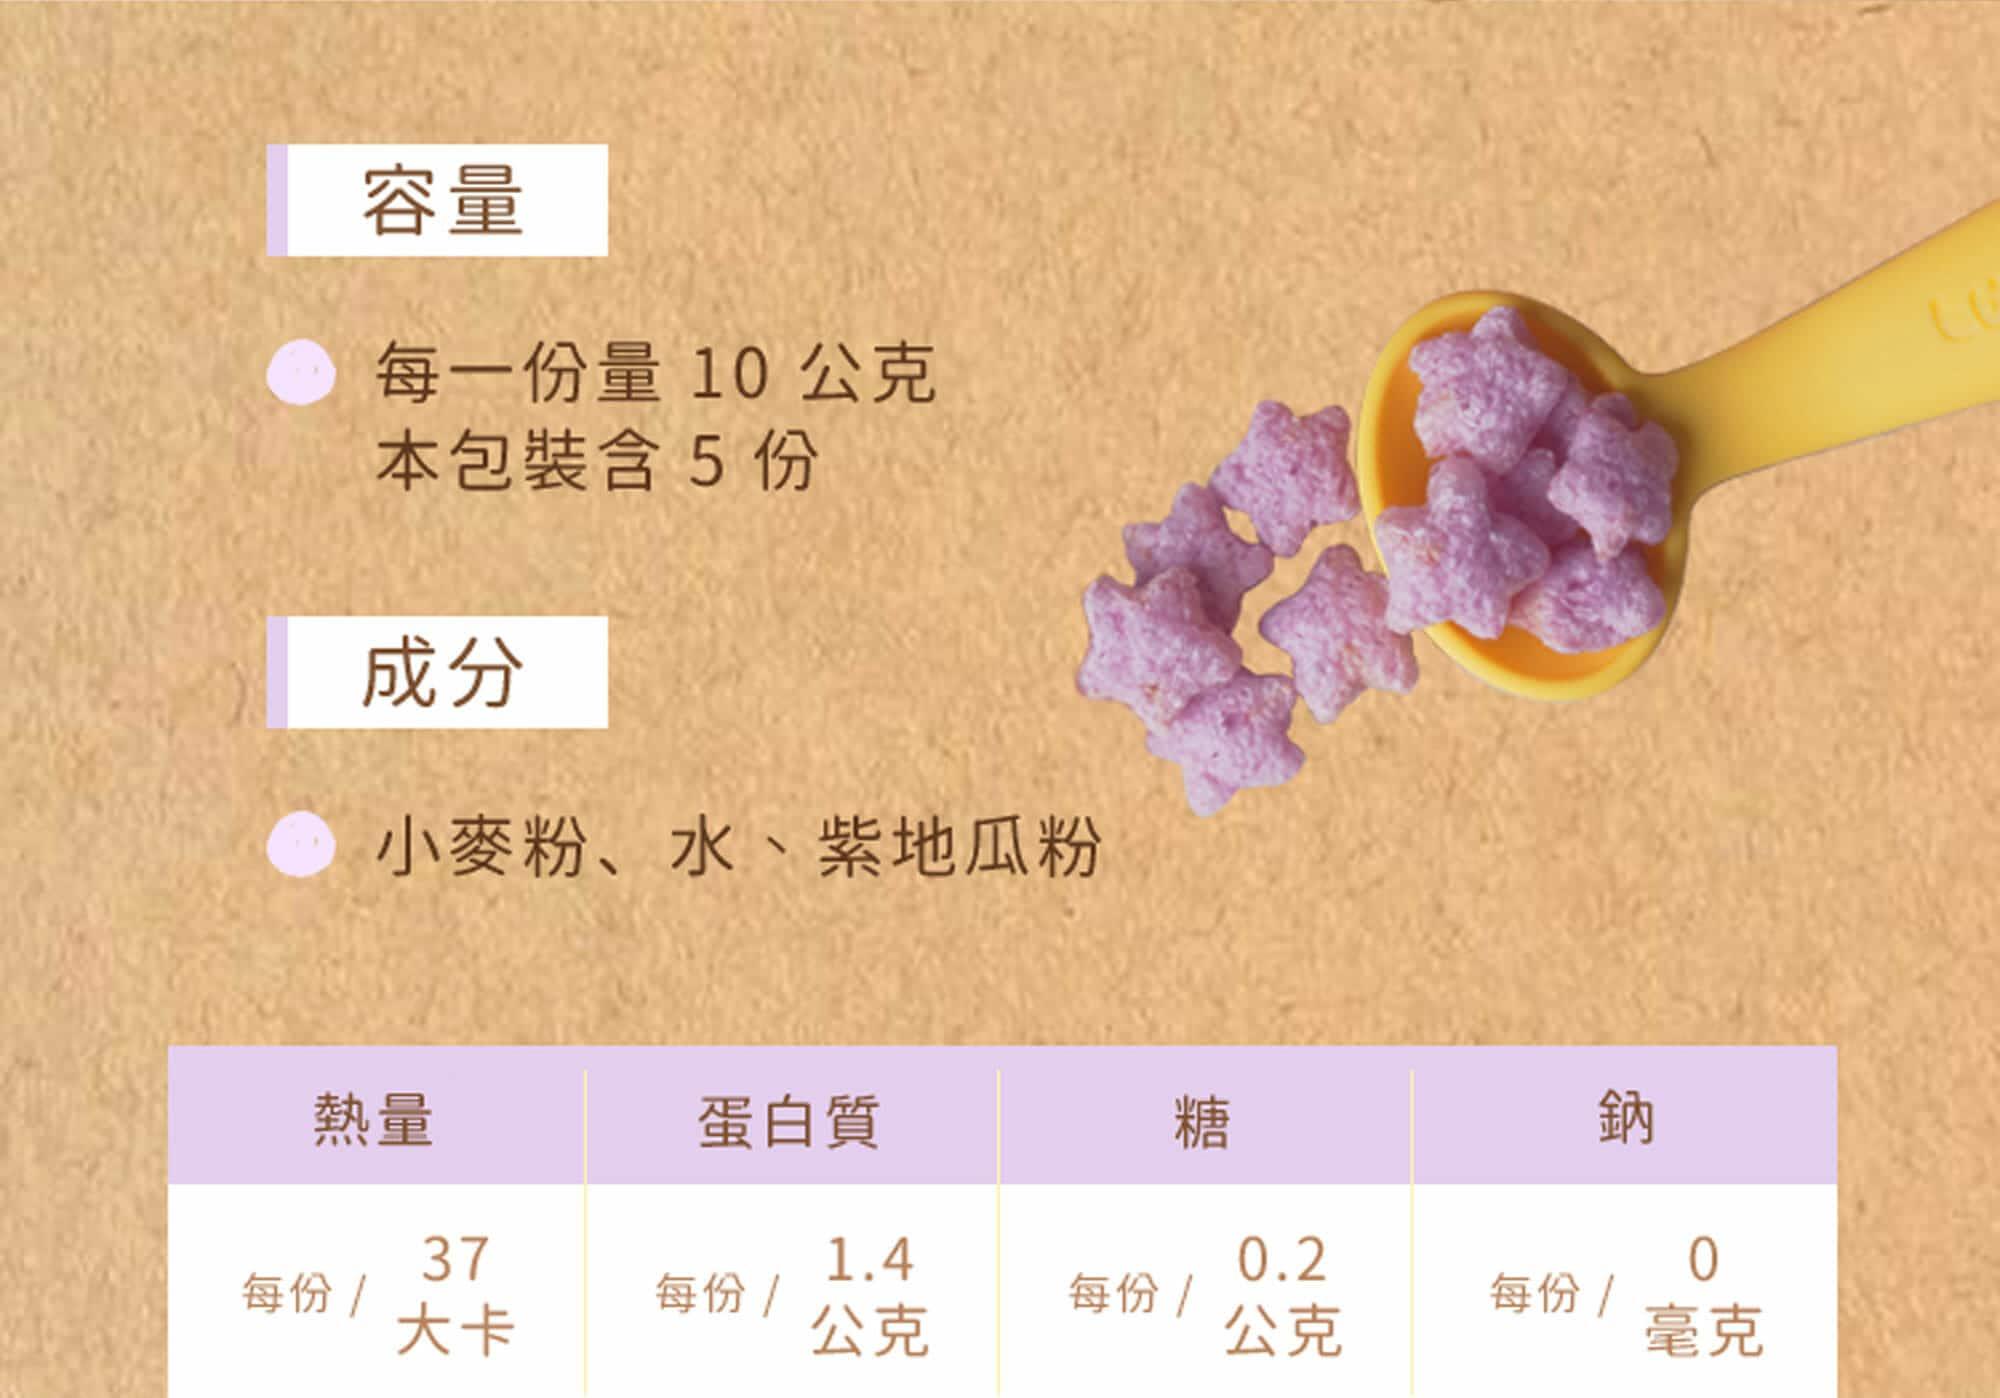 麥星星紫地瓜口味的成分表,總容量50公克,每一份10公克,成分包含小麥粉、水、紫地瓜粉。每10公克約37大卡,並含有1.4公克蛋白質,0.2公克的糖分,不含鈉。